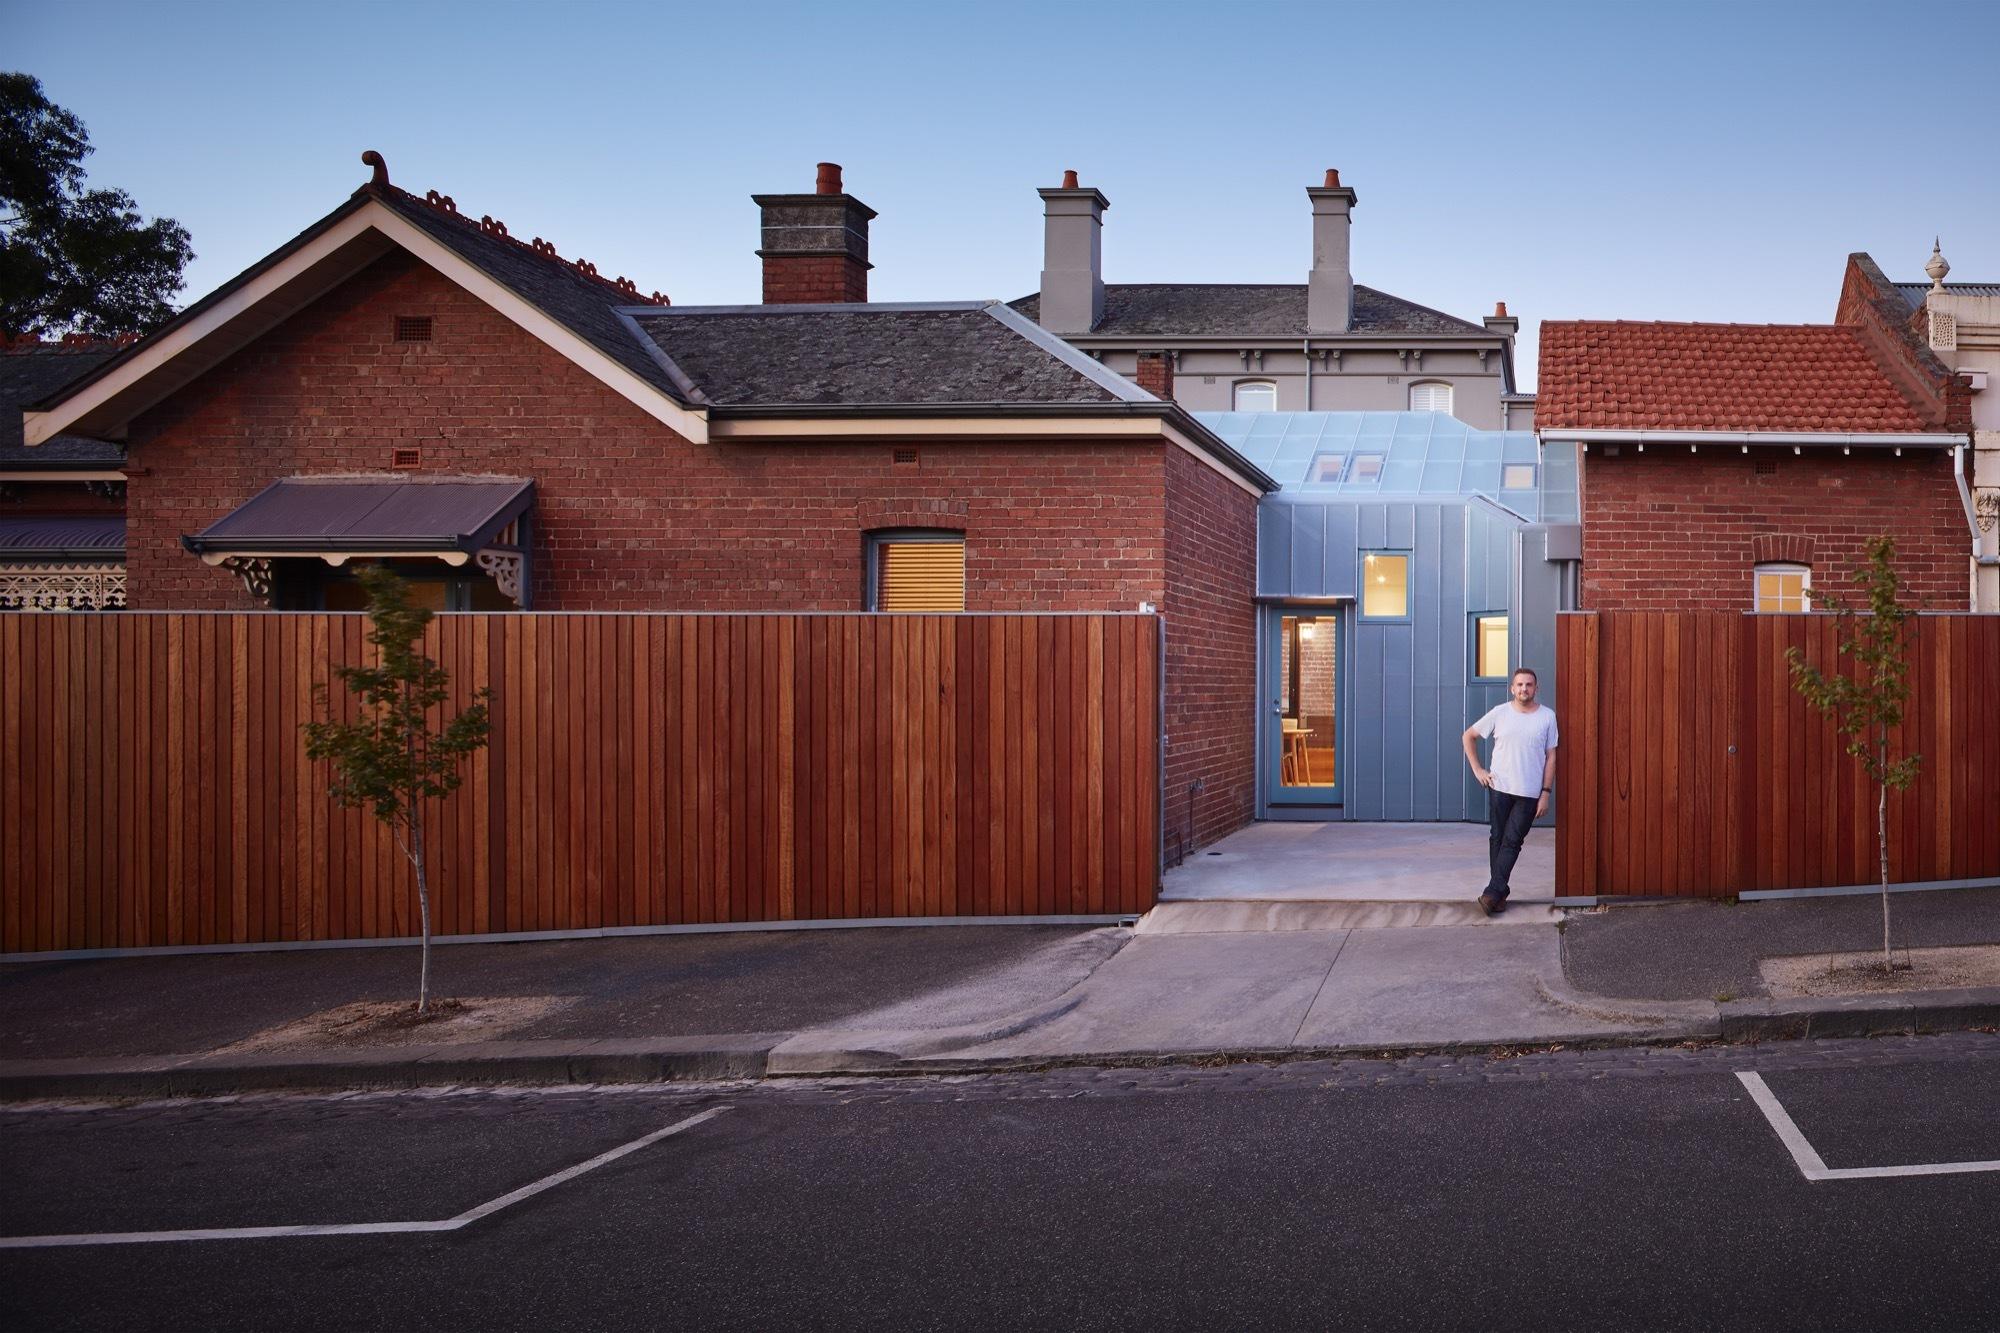 Residencia Parkville / Steffen Welsch Architects